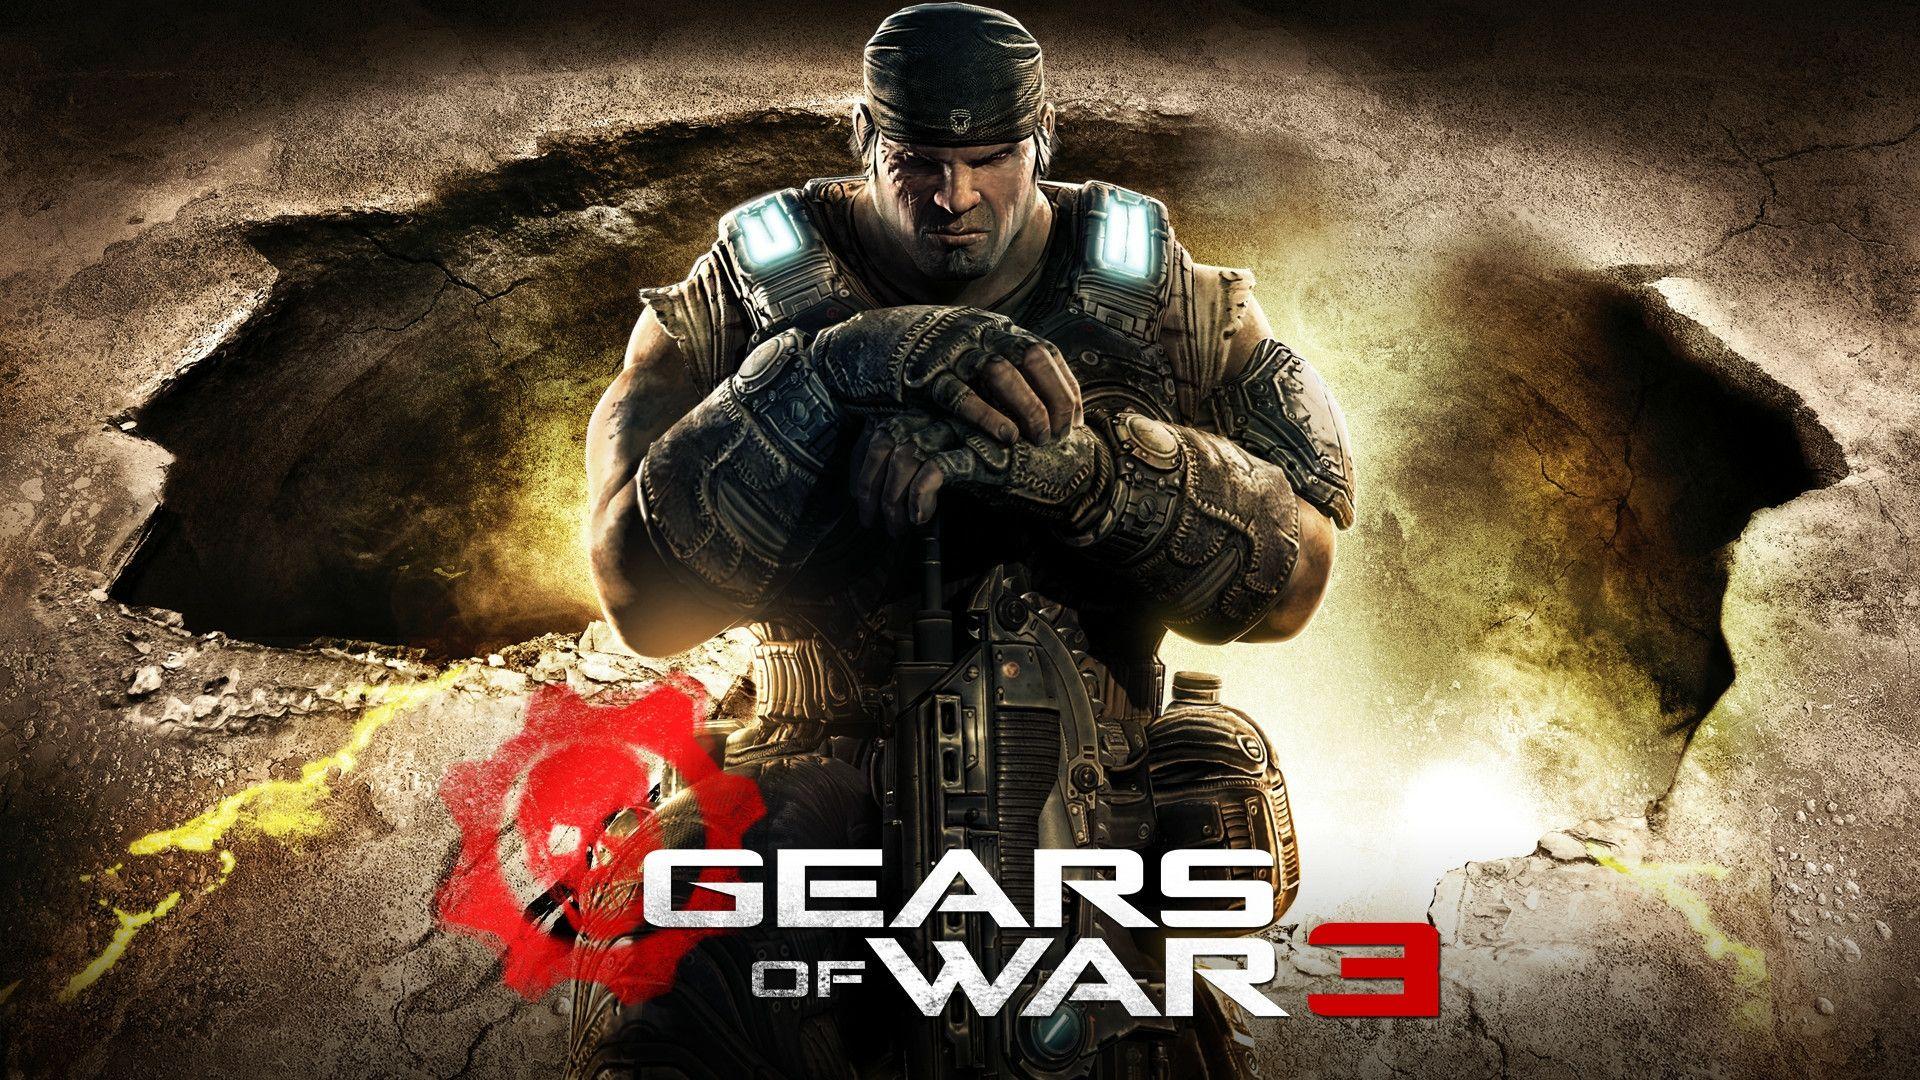 Explore Gears Of War 3 Desktop Wallpapers And More